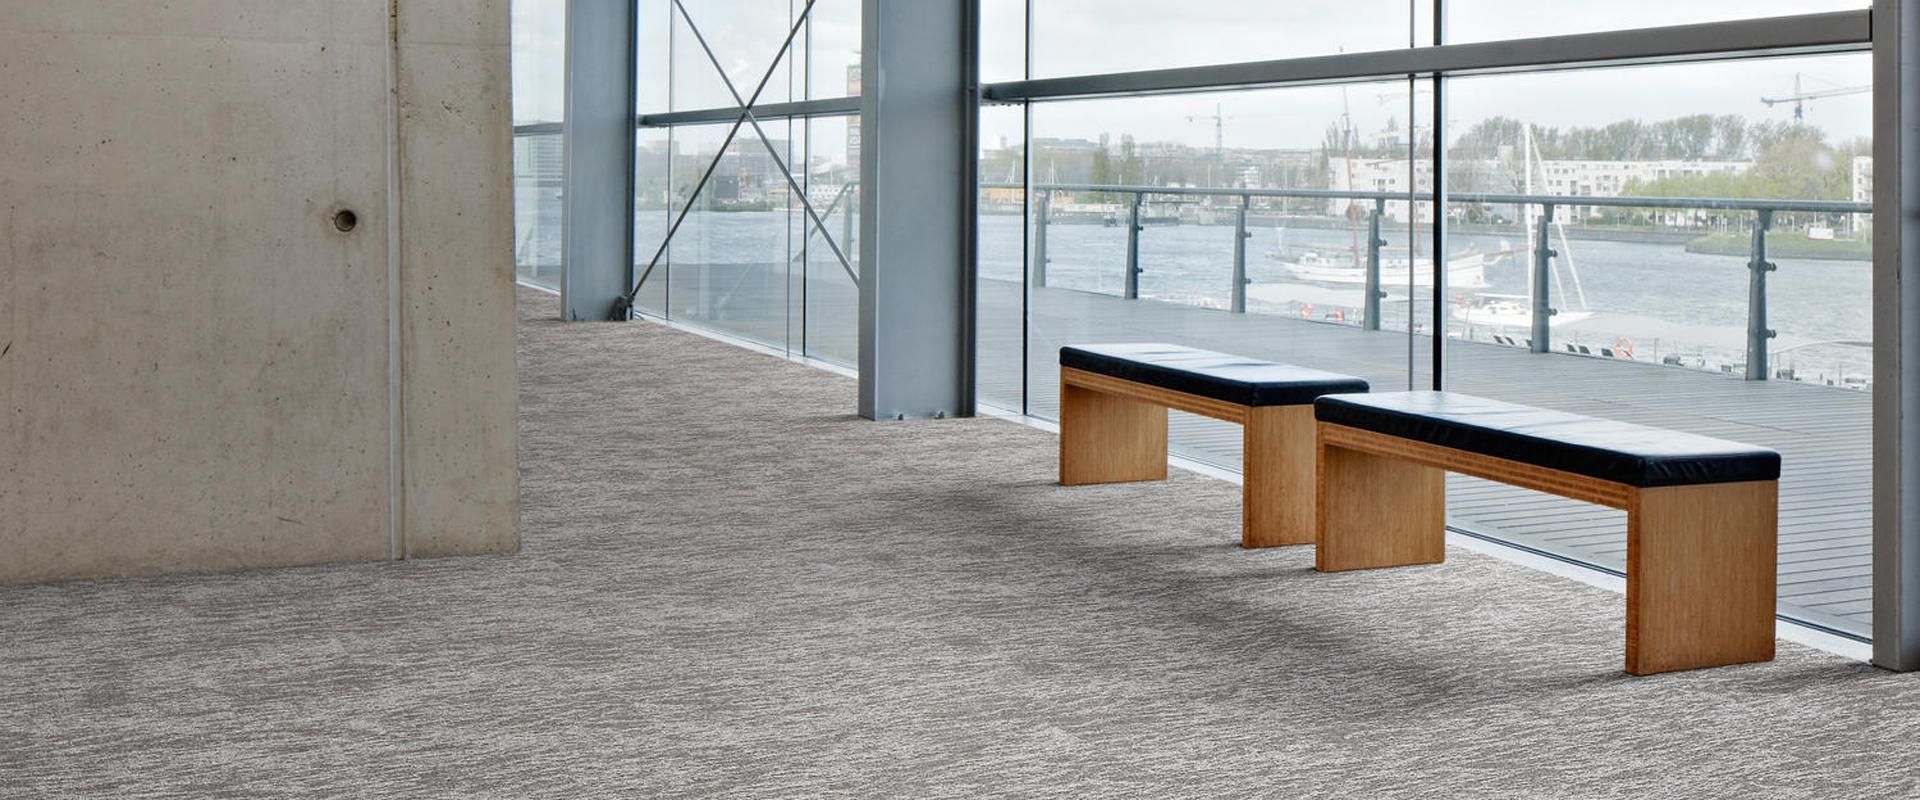 Heuga-tapijttegels-kopen-voor-iedere-smaak-en-ruimte.